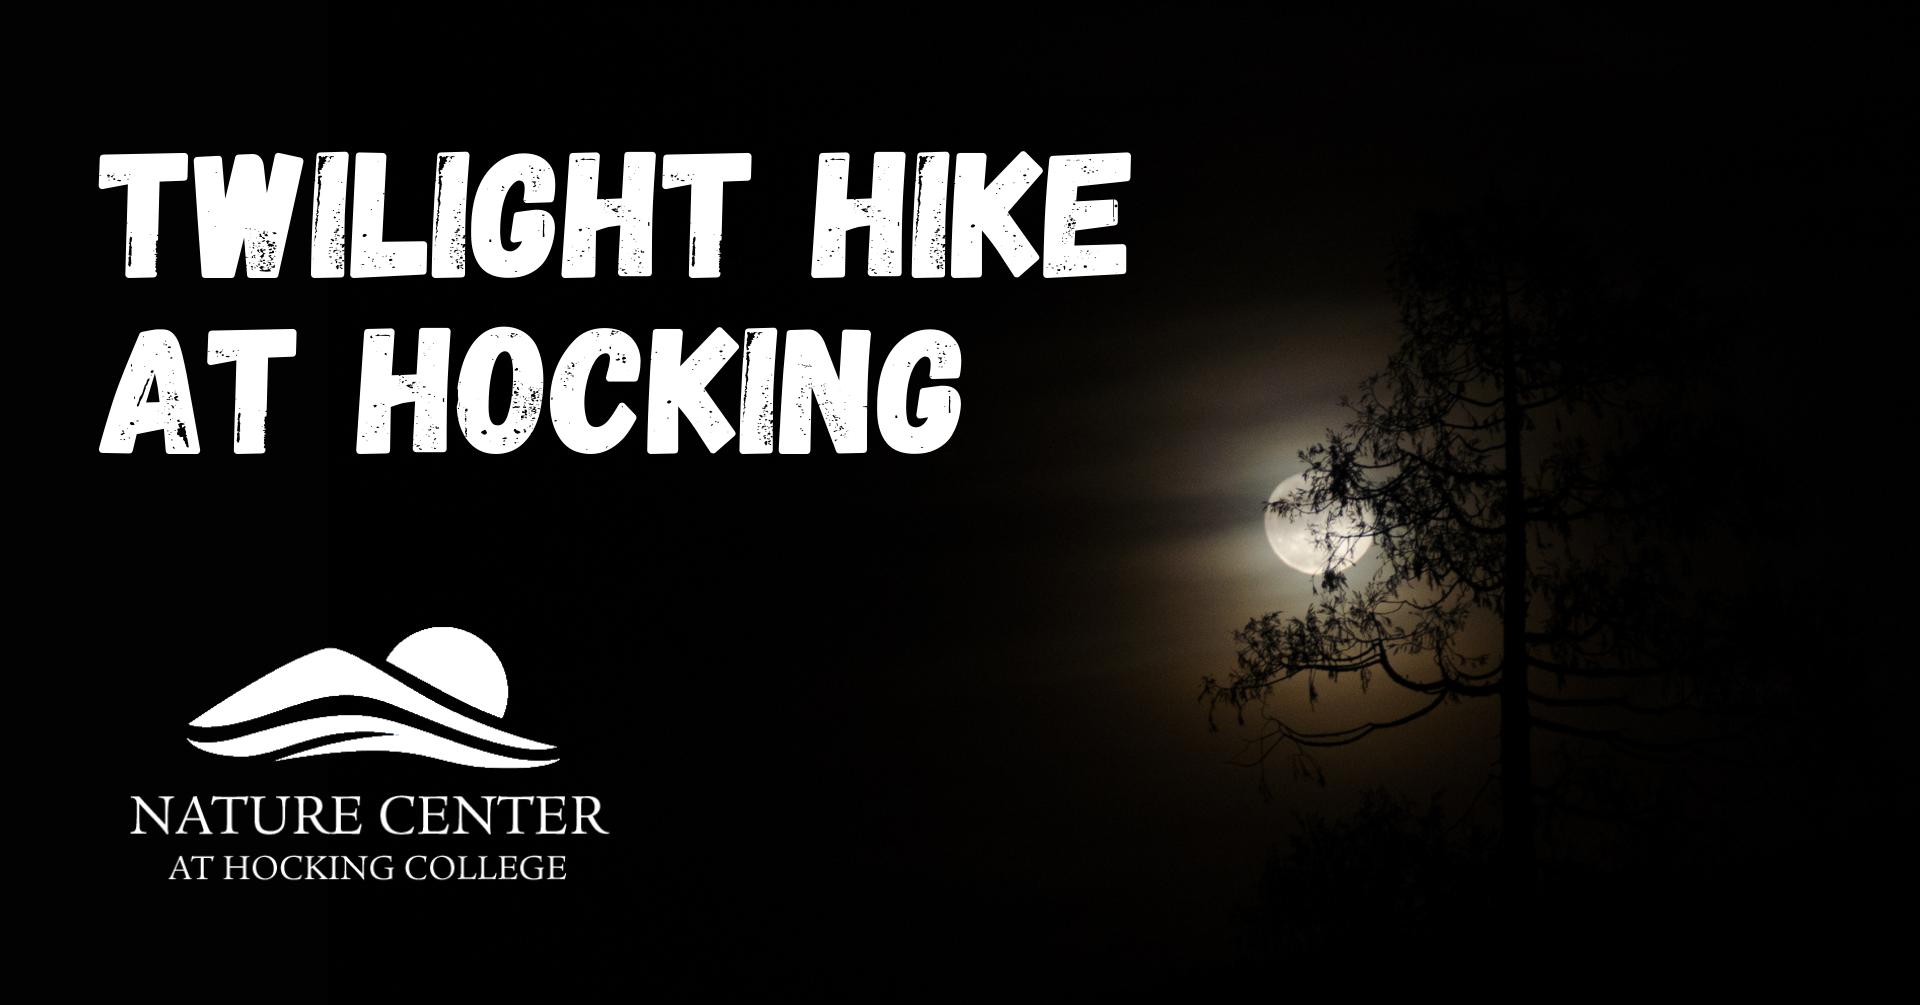 Twilight Hike at Hocking